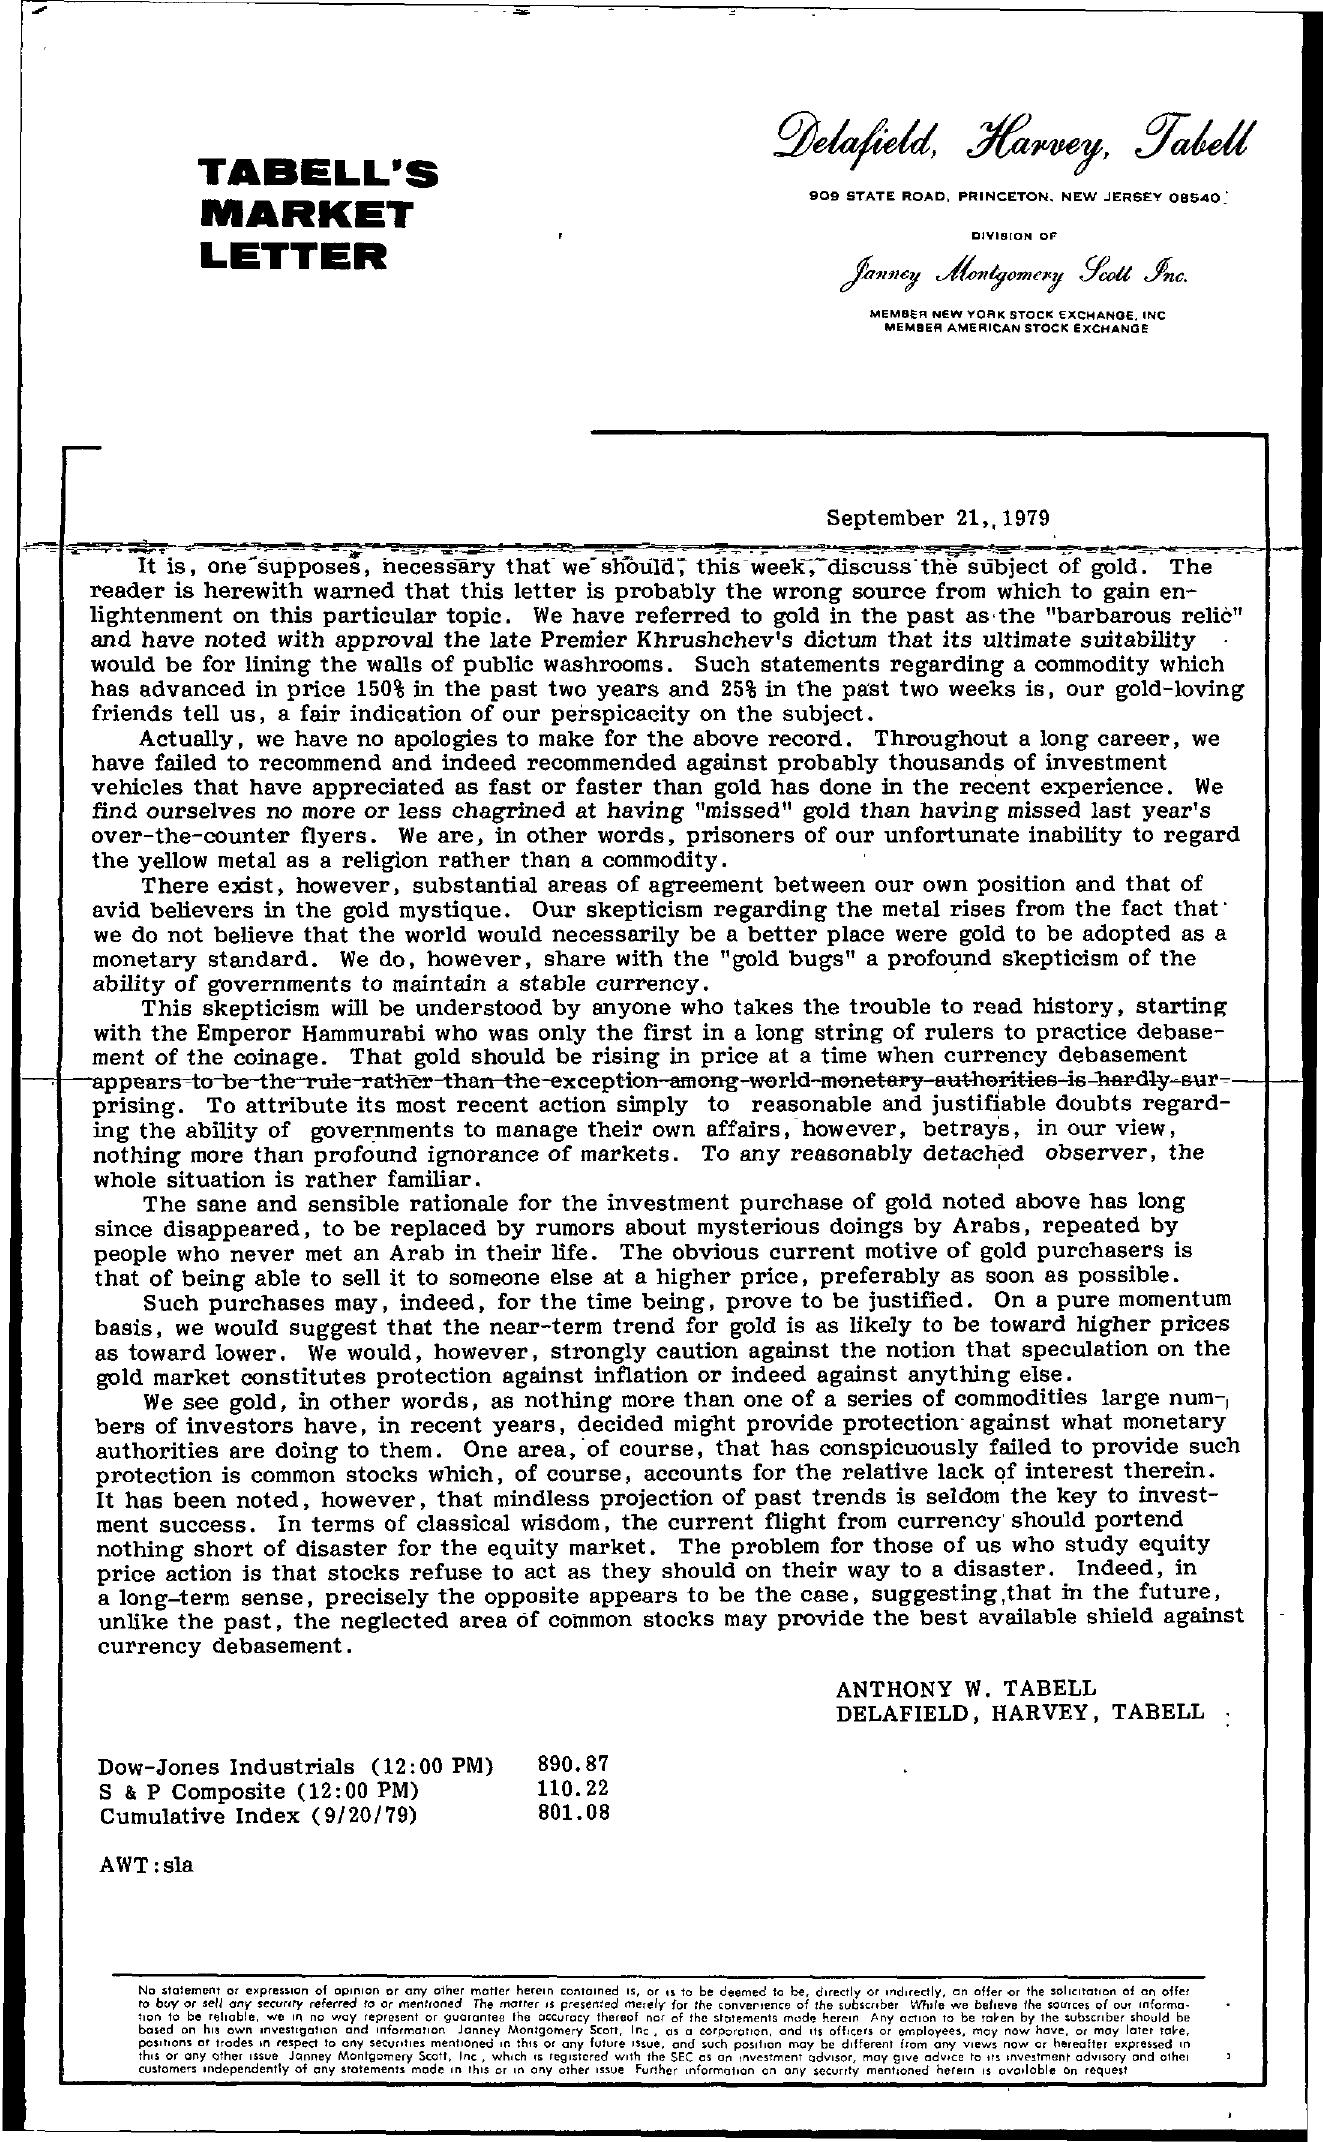 Tabell's Market Letter - September 21, 1979